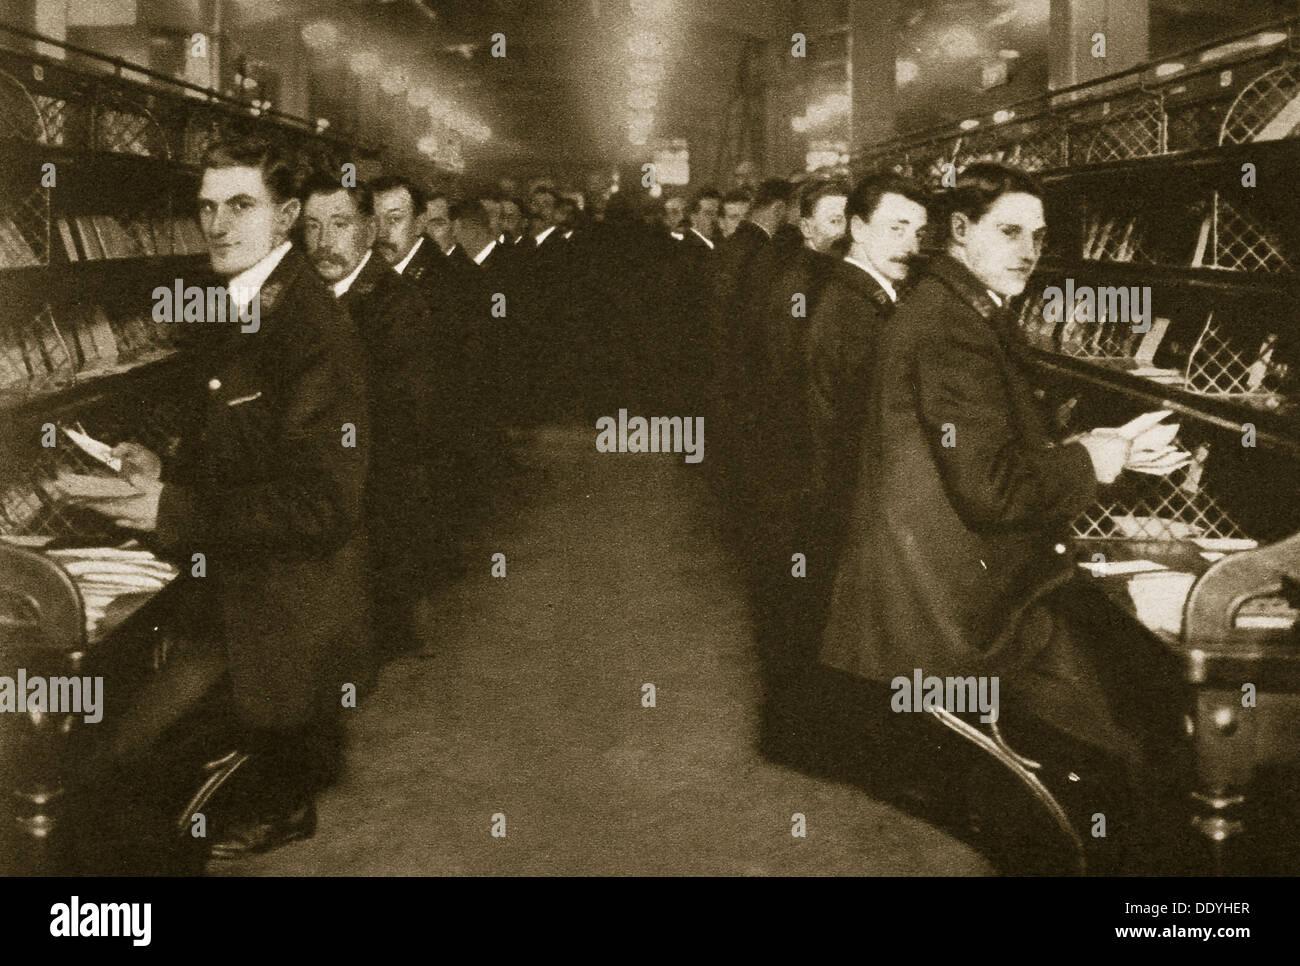 Il personale lo smistamento lettere presso l'Ufficio Postale, Mount Pleasant, LONDRA, XX secolo. Artista: sconosciuto Immagini Stock